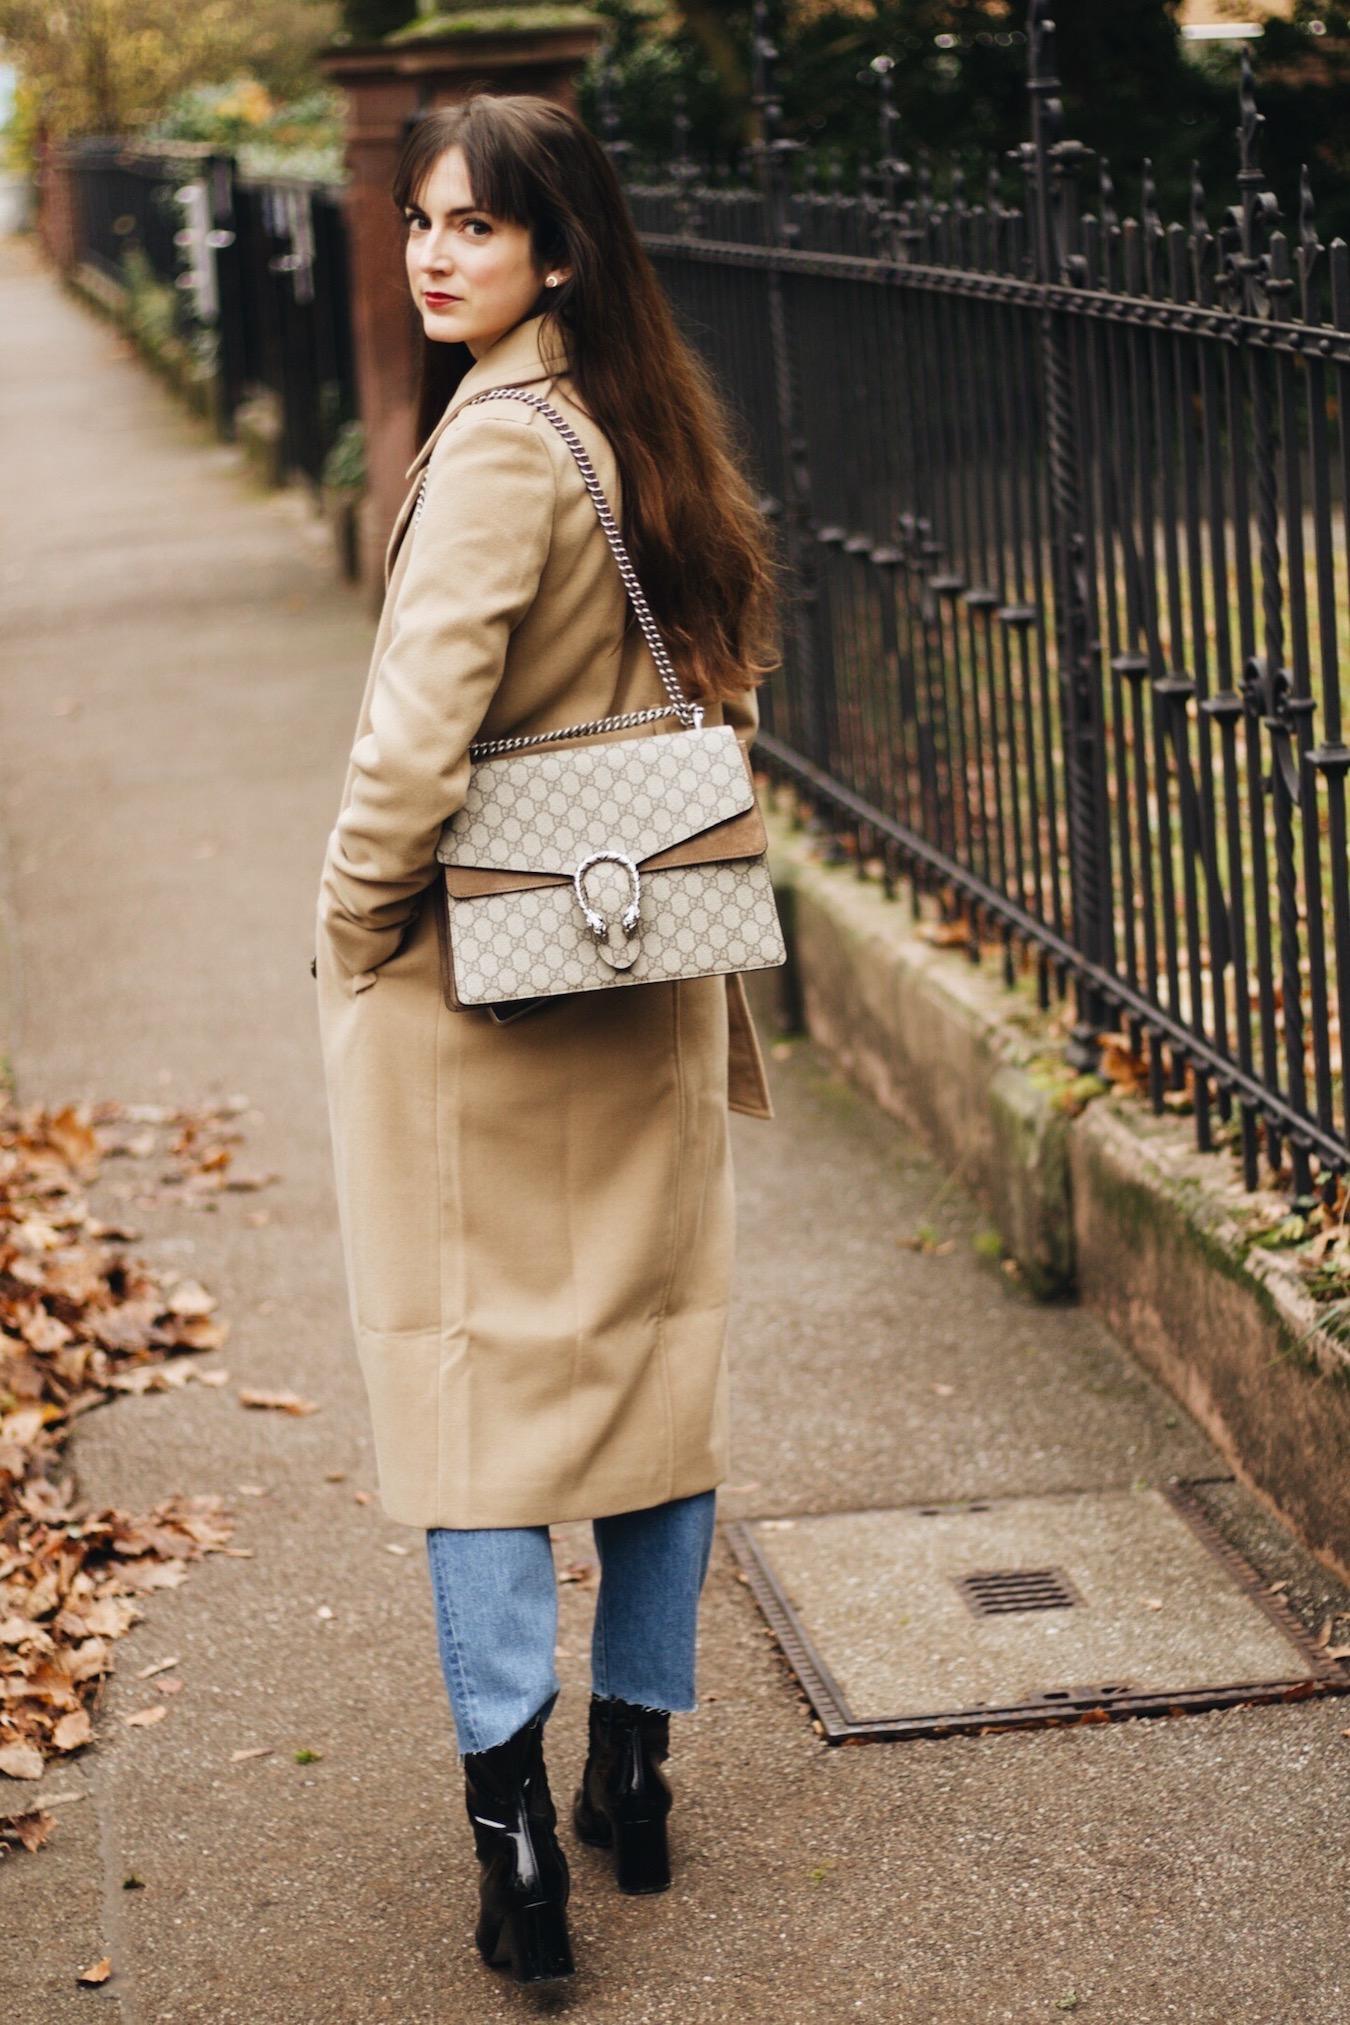 Modeblog Outfitpost mit Trenchcoat von Edited und Gucci Dionysus Bag